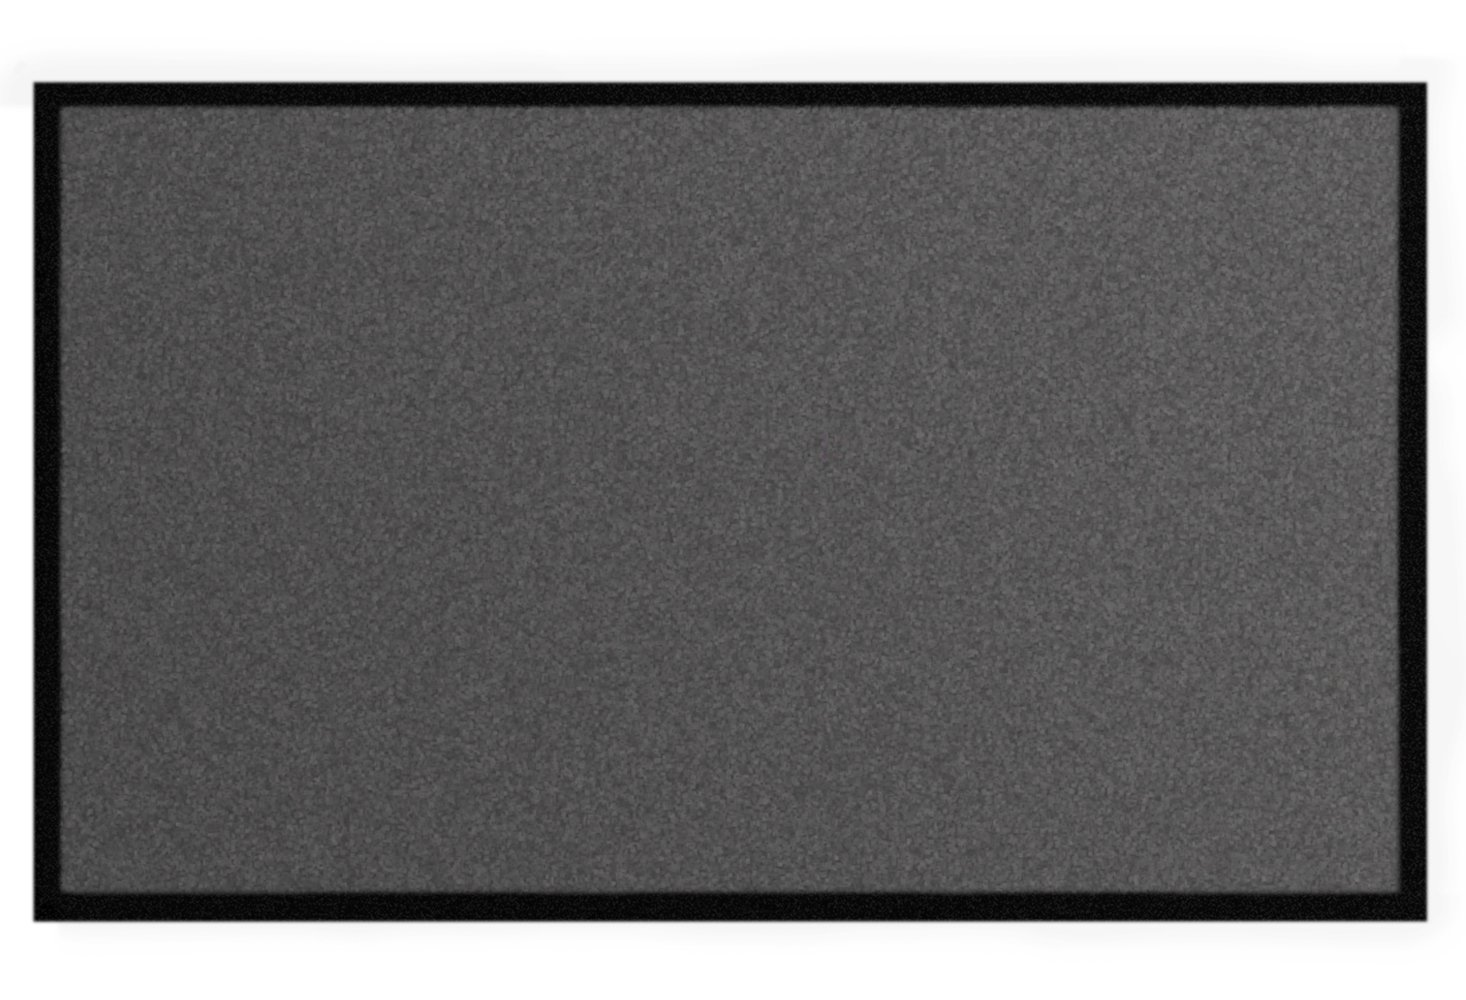 Extra starke waschbare premium Schmutzfangmatte Schmutzfangmatte Schmutzfangmatte – für Industrie, Gewerbe, Geschäft, Shop -Grau 115x200cm B07D4JGVRD Fumatten 85b83a